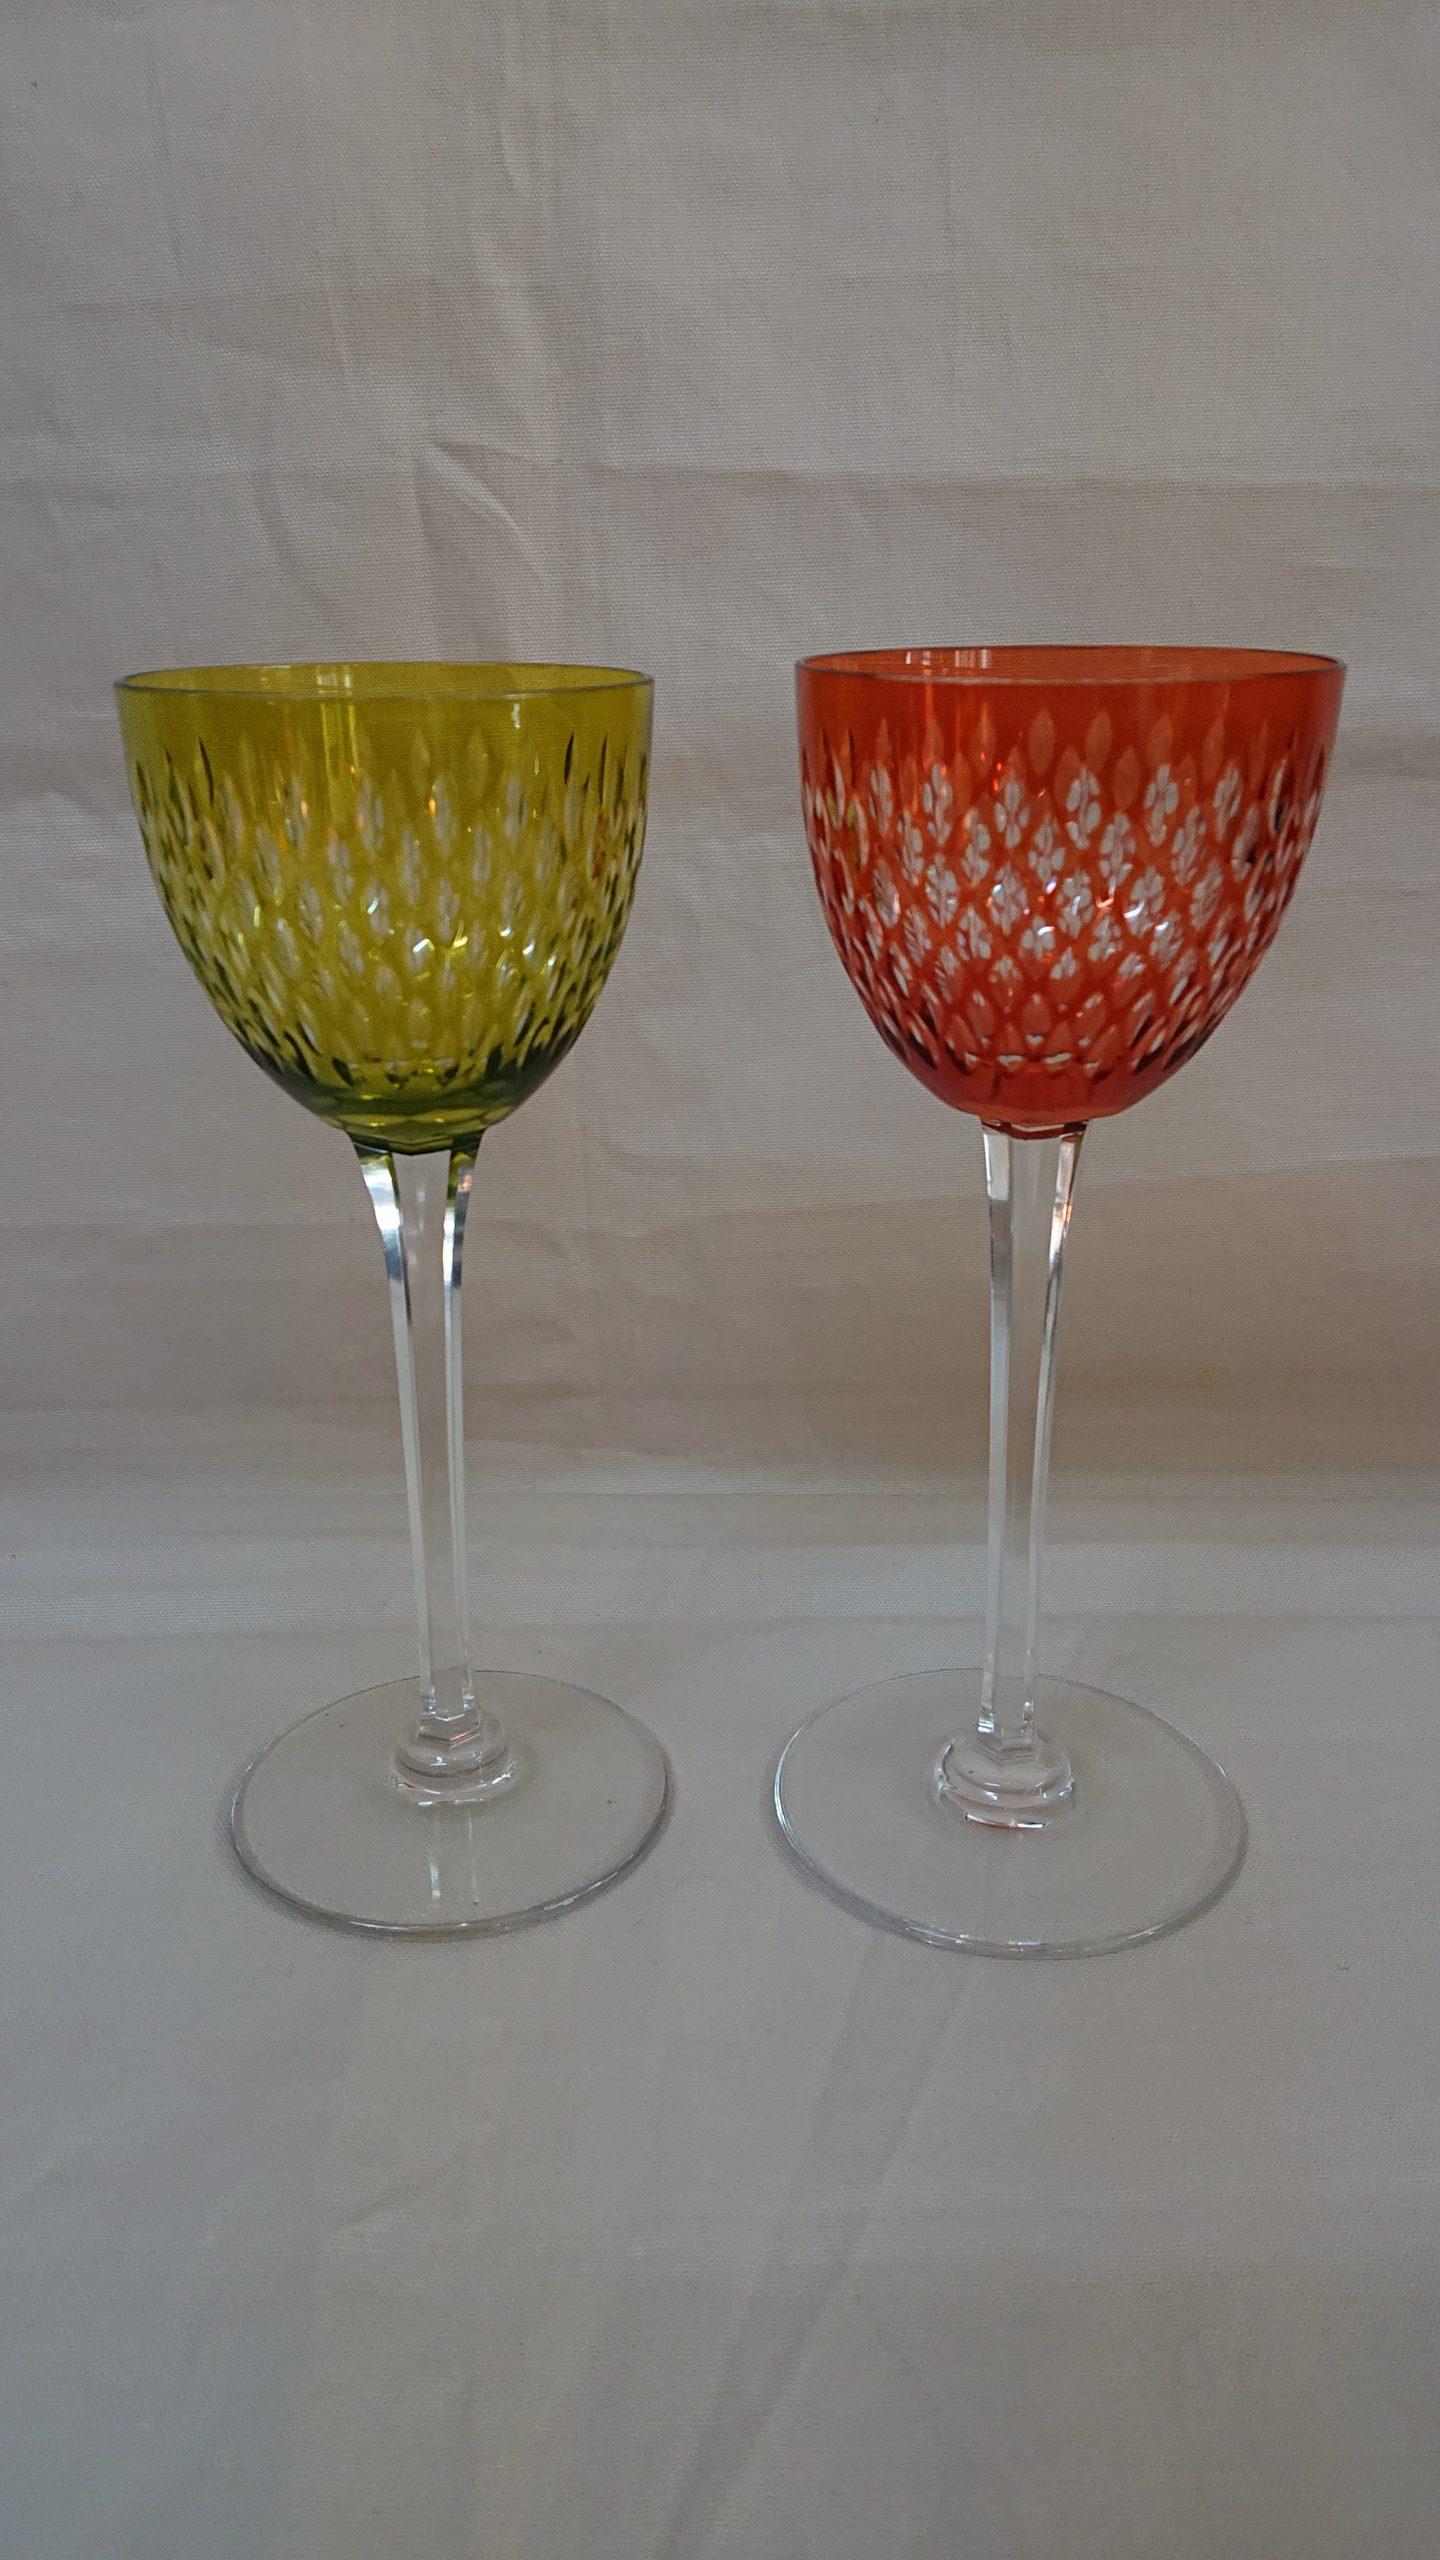 オールドバカラ パリ ワイングラス